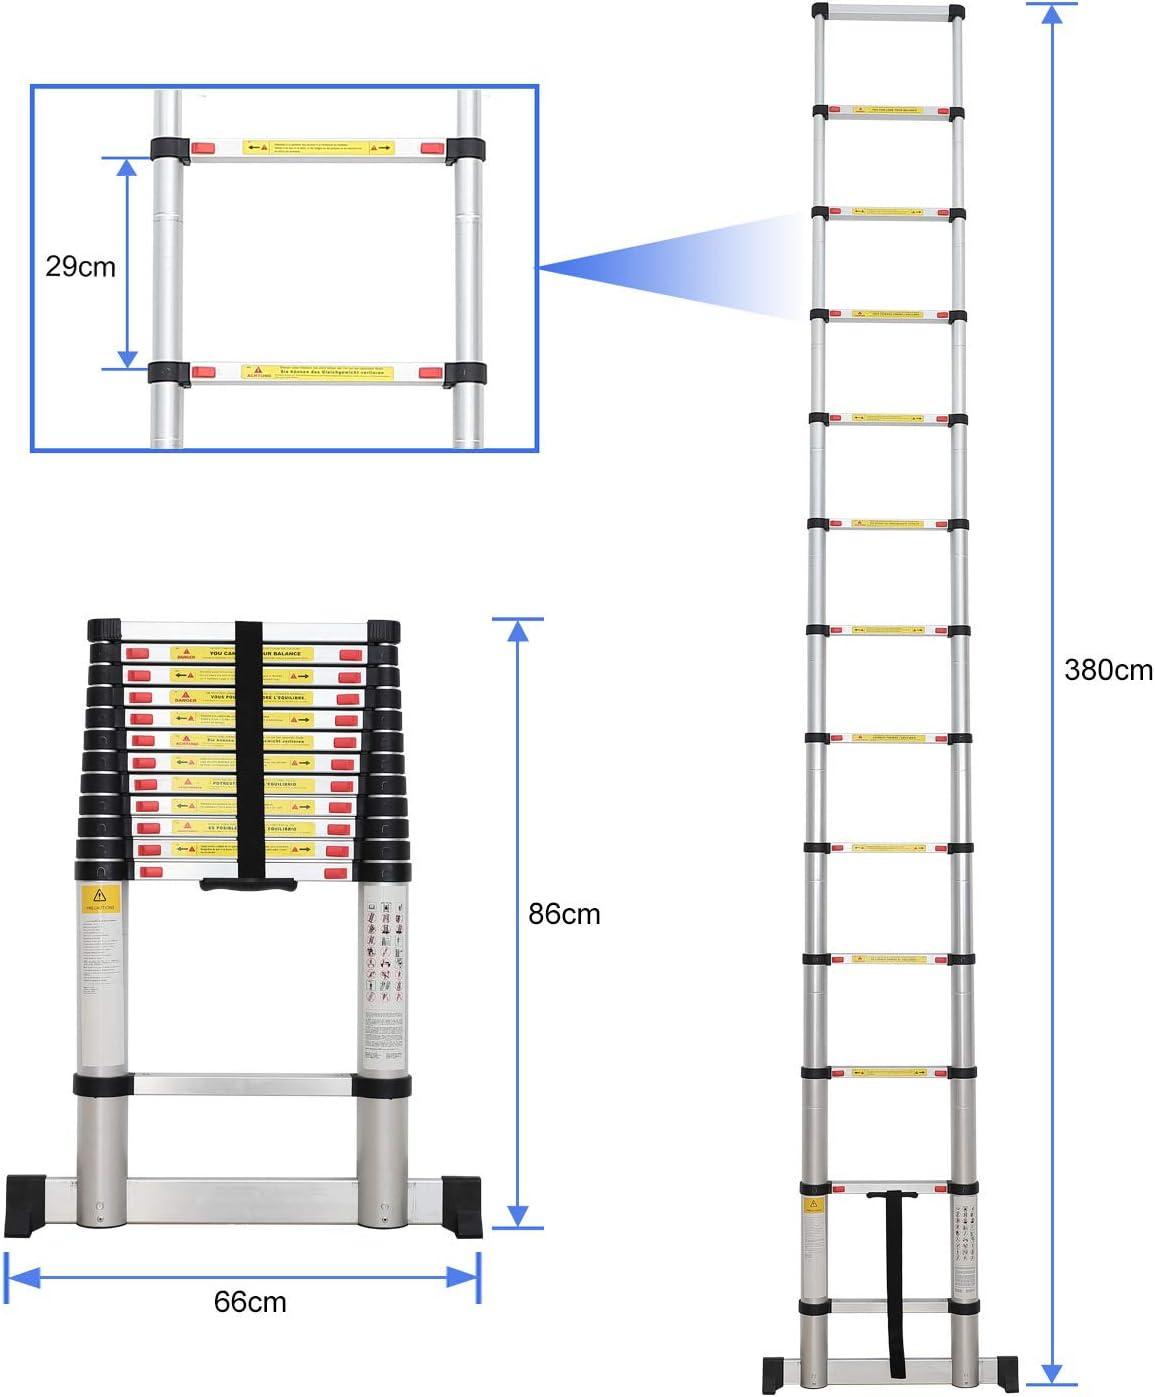 Sotech - Escalera Plegable, Escalera Telescópica, 3,8 Metro(s), Bolsa de transporte GRATIS, Barra estabilizadora, EN 131, Carga máxima: 150 kg, Estándar/Certificación: EN131: Amazon.es: Hogar